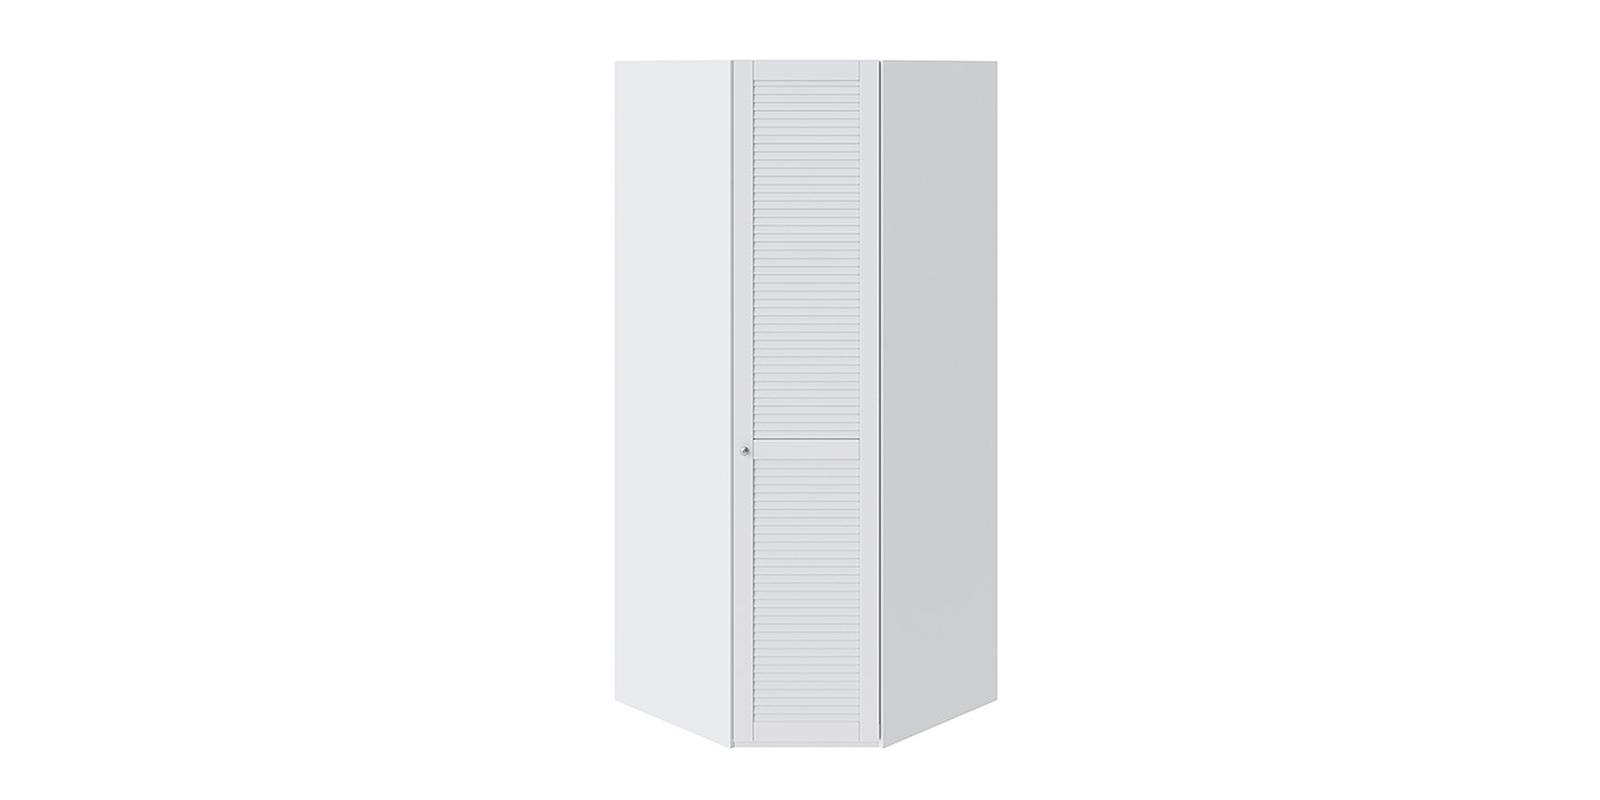 Шкаф распашной угловой Мерида вариант №2 правый (белый)